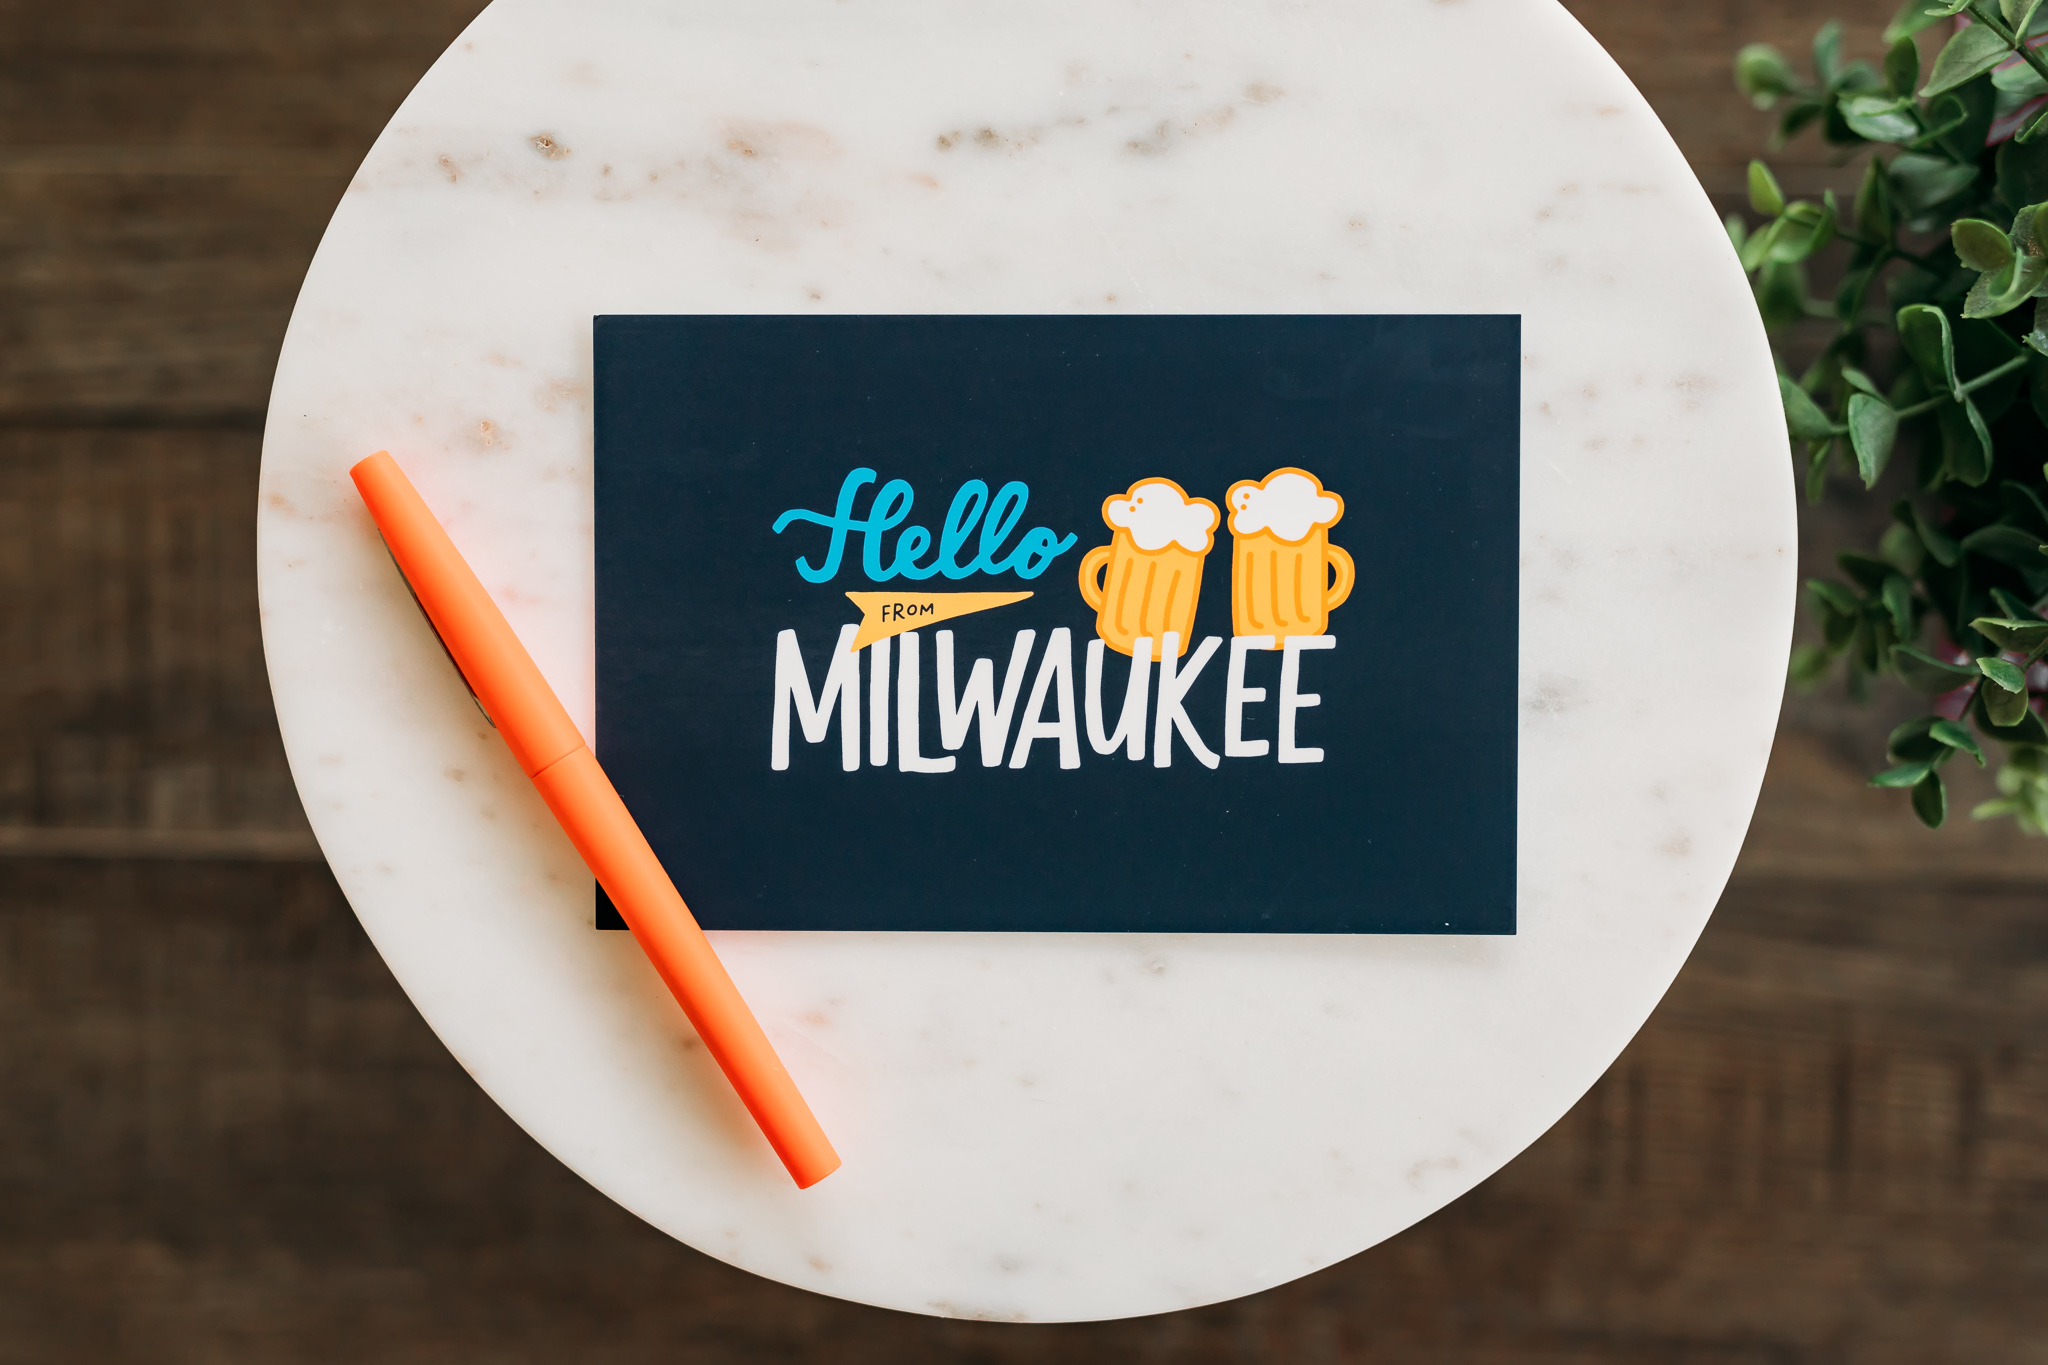 Hello from Milwaukee